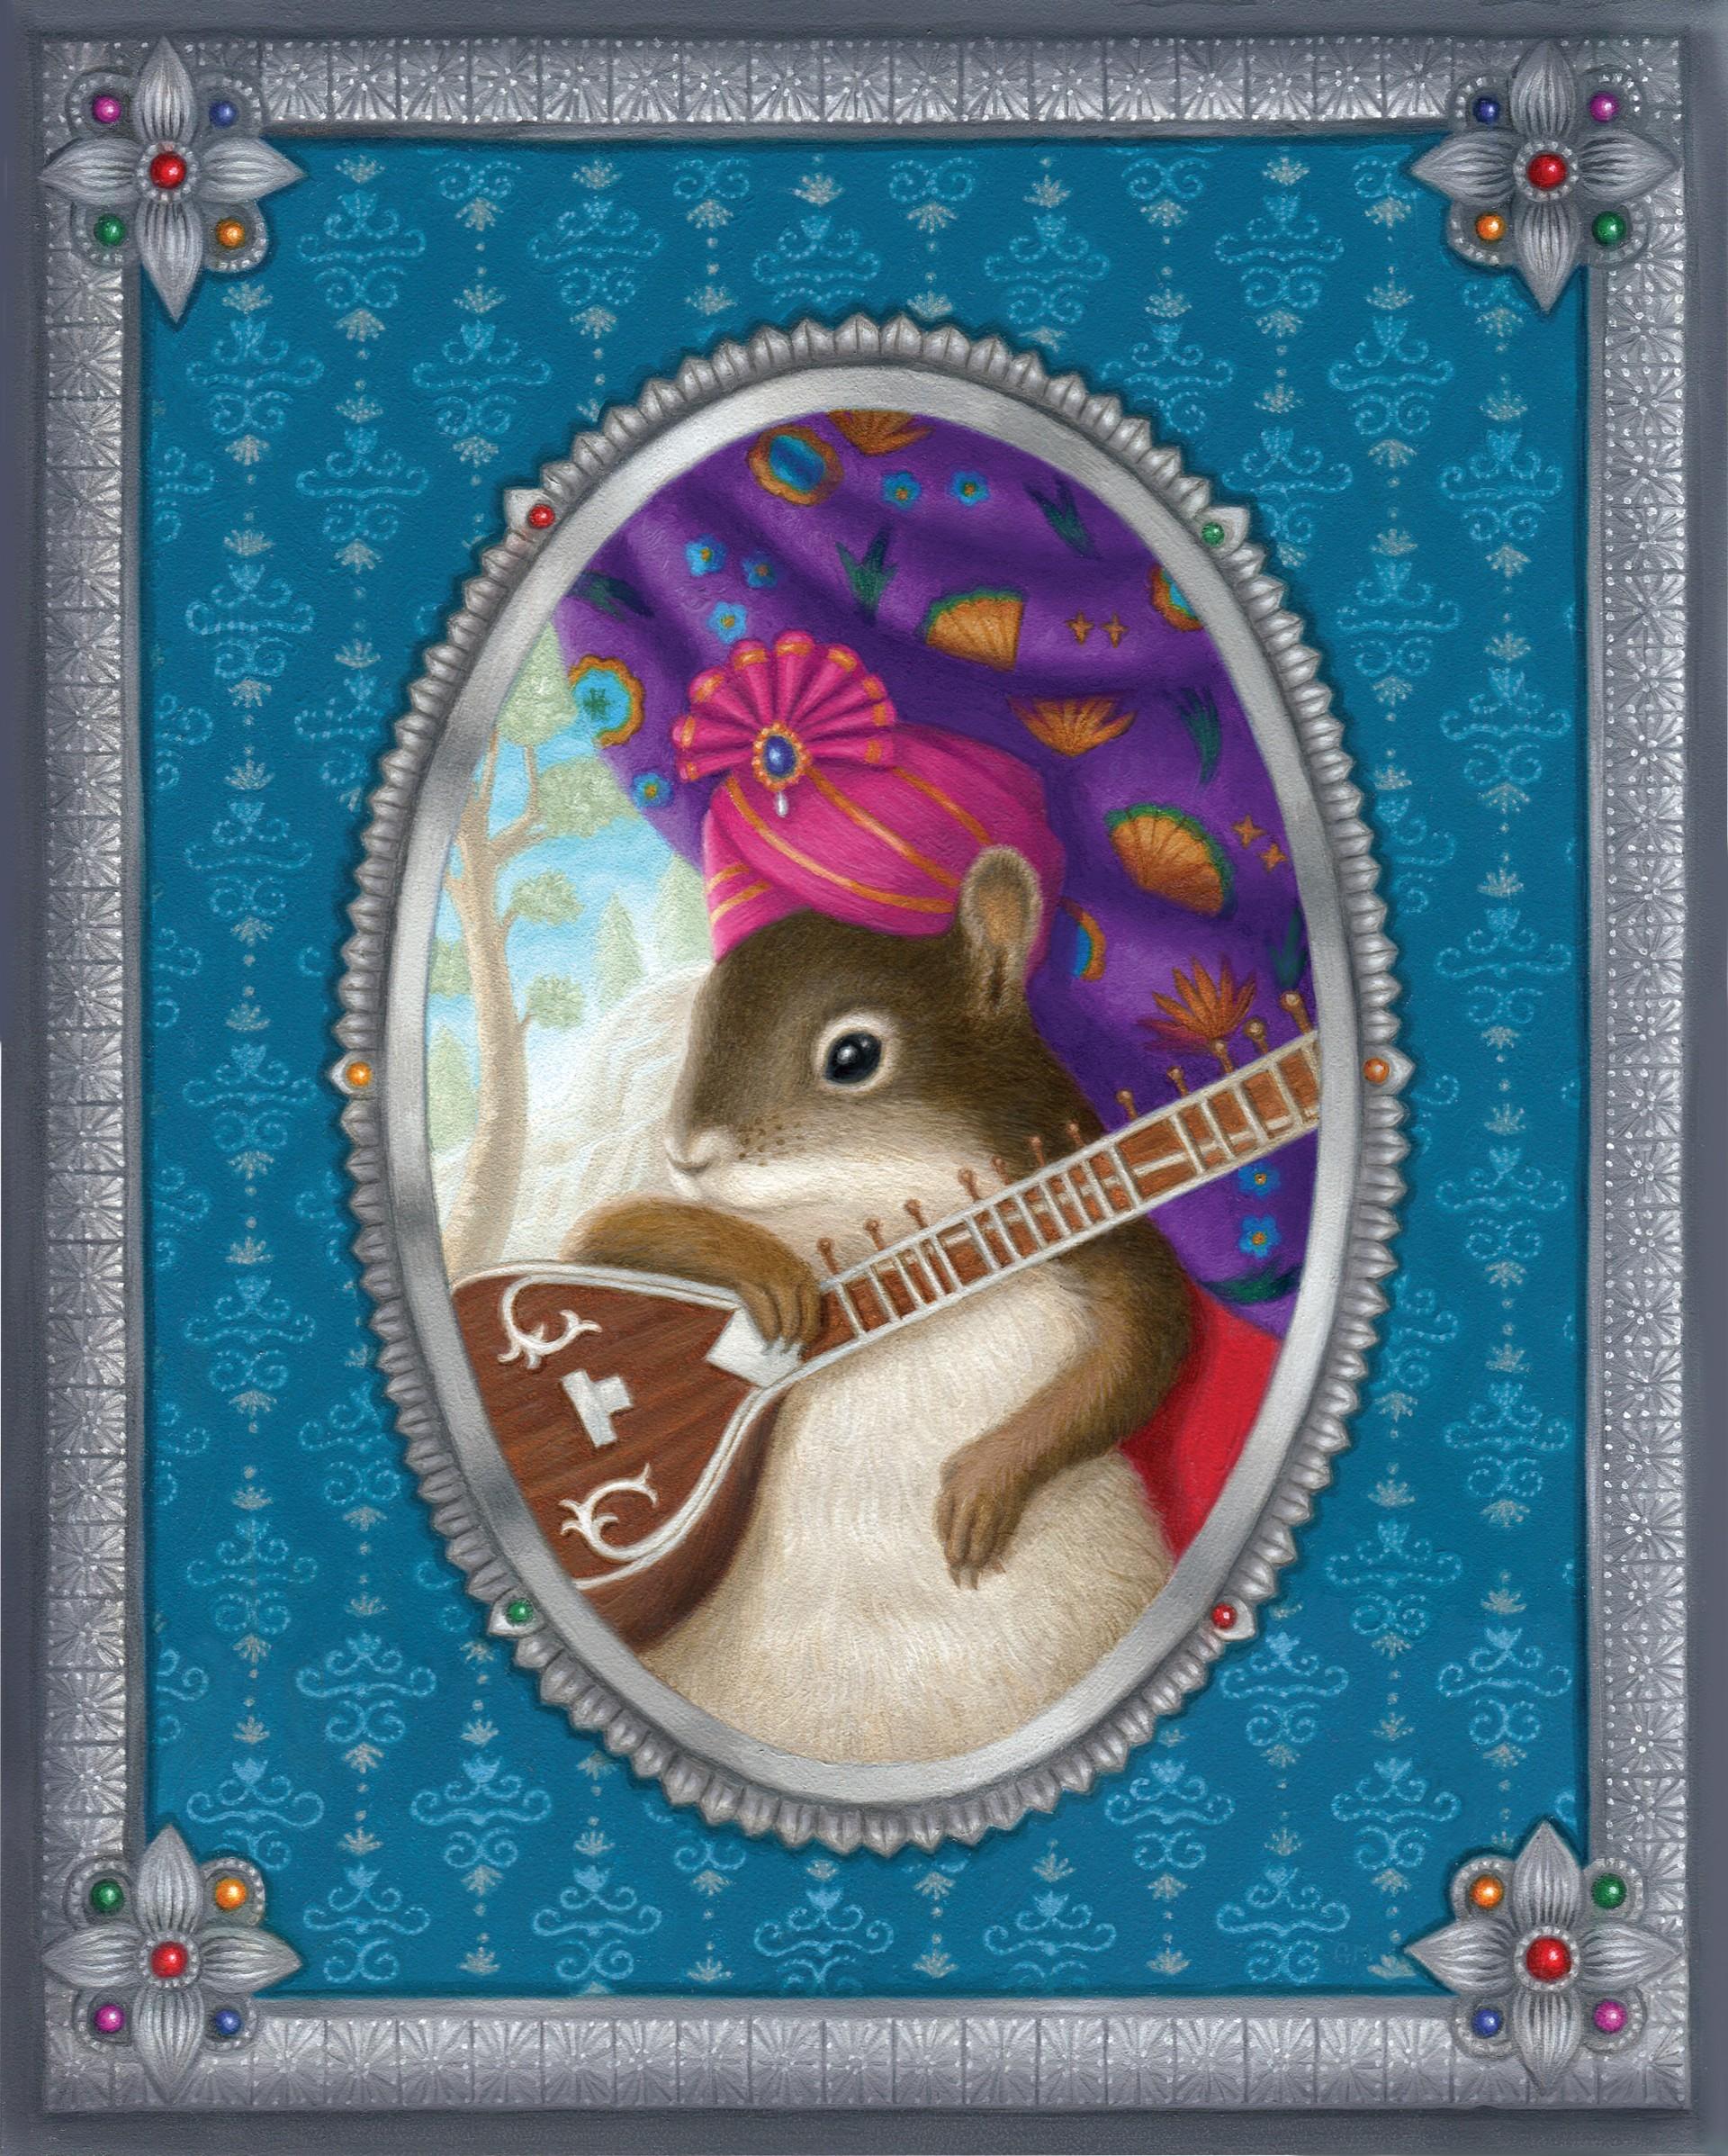 Ravi the Squirrel by Gina Matarazzo